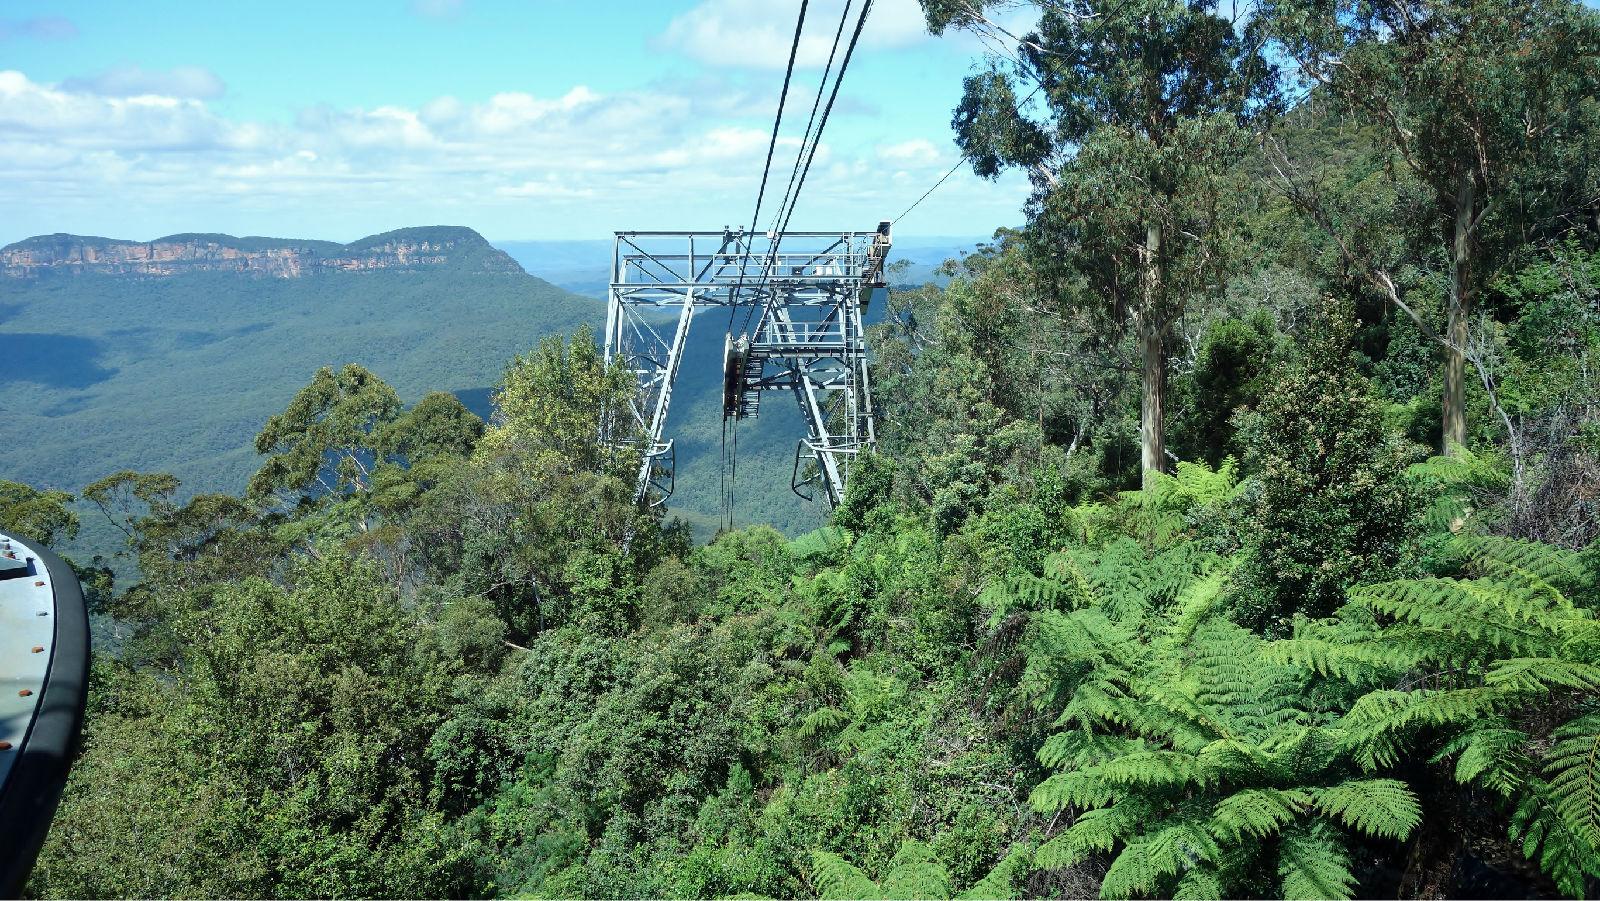 澳大利亚旅游攻略图片410